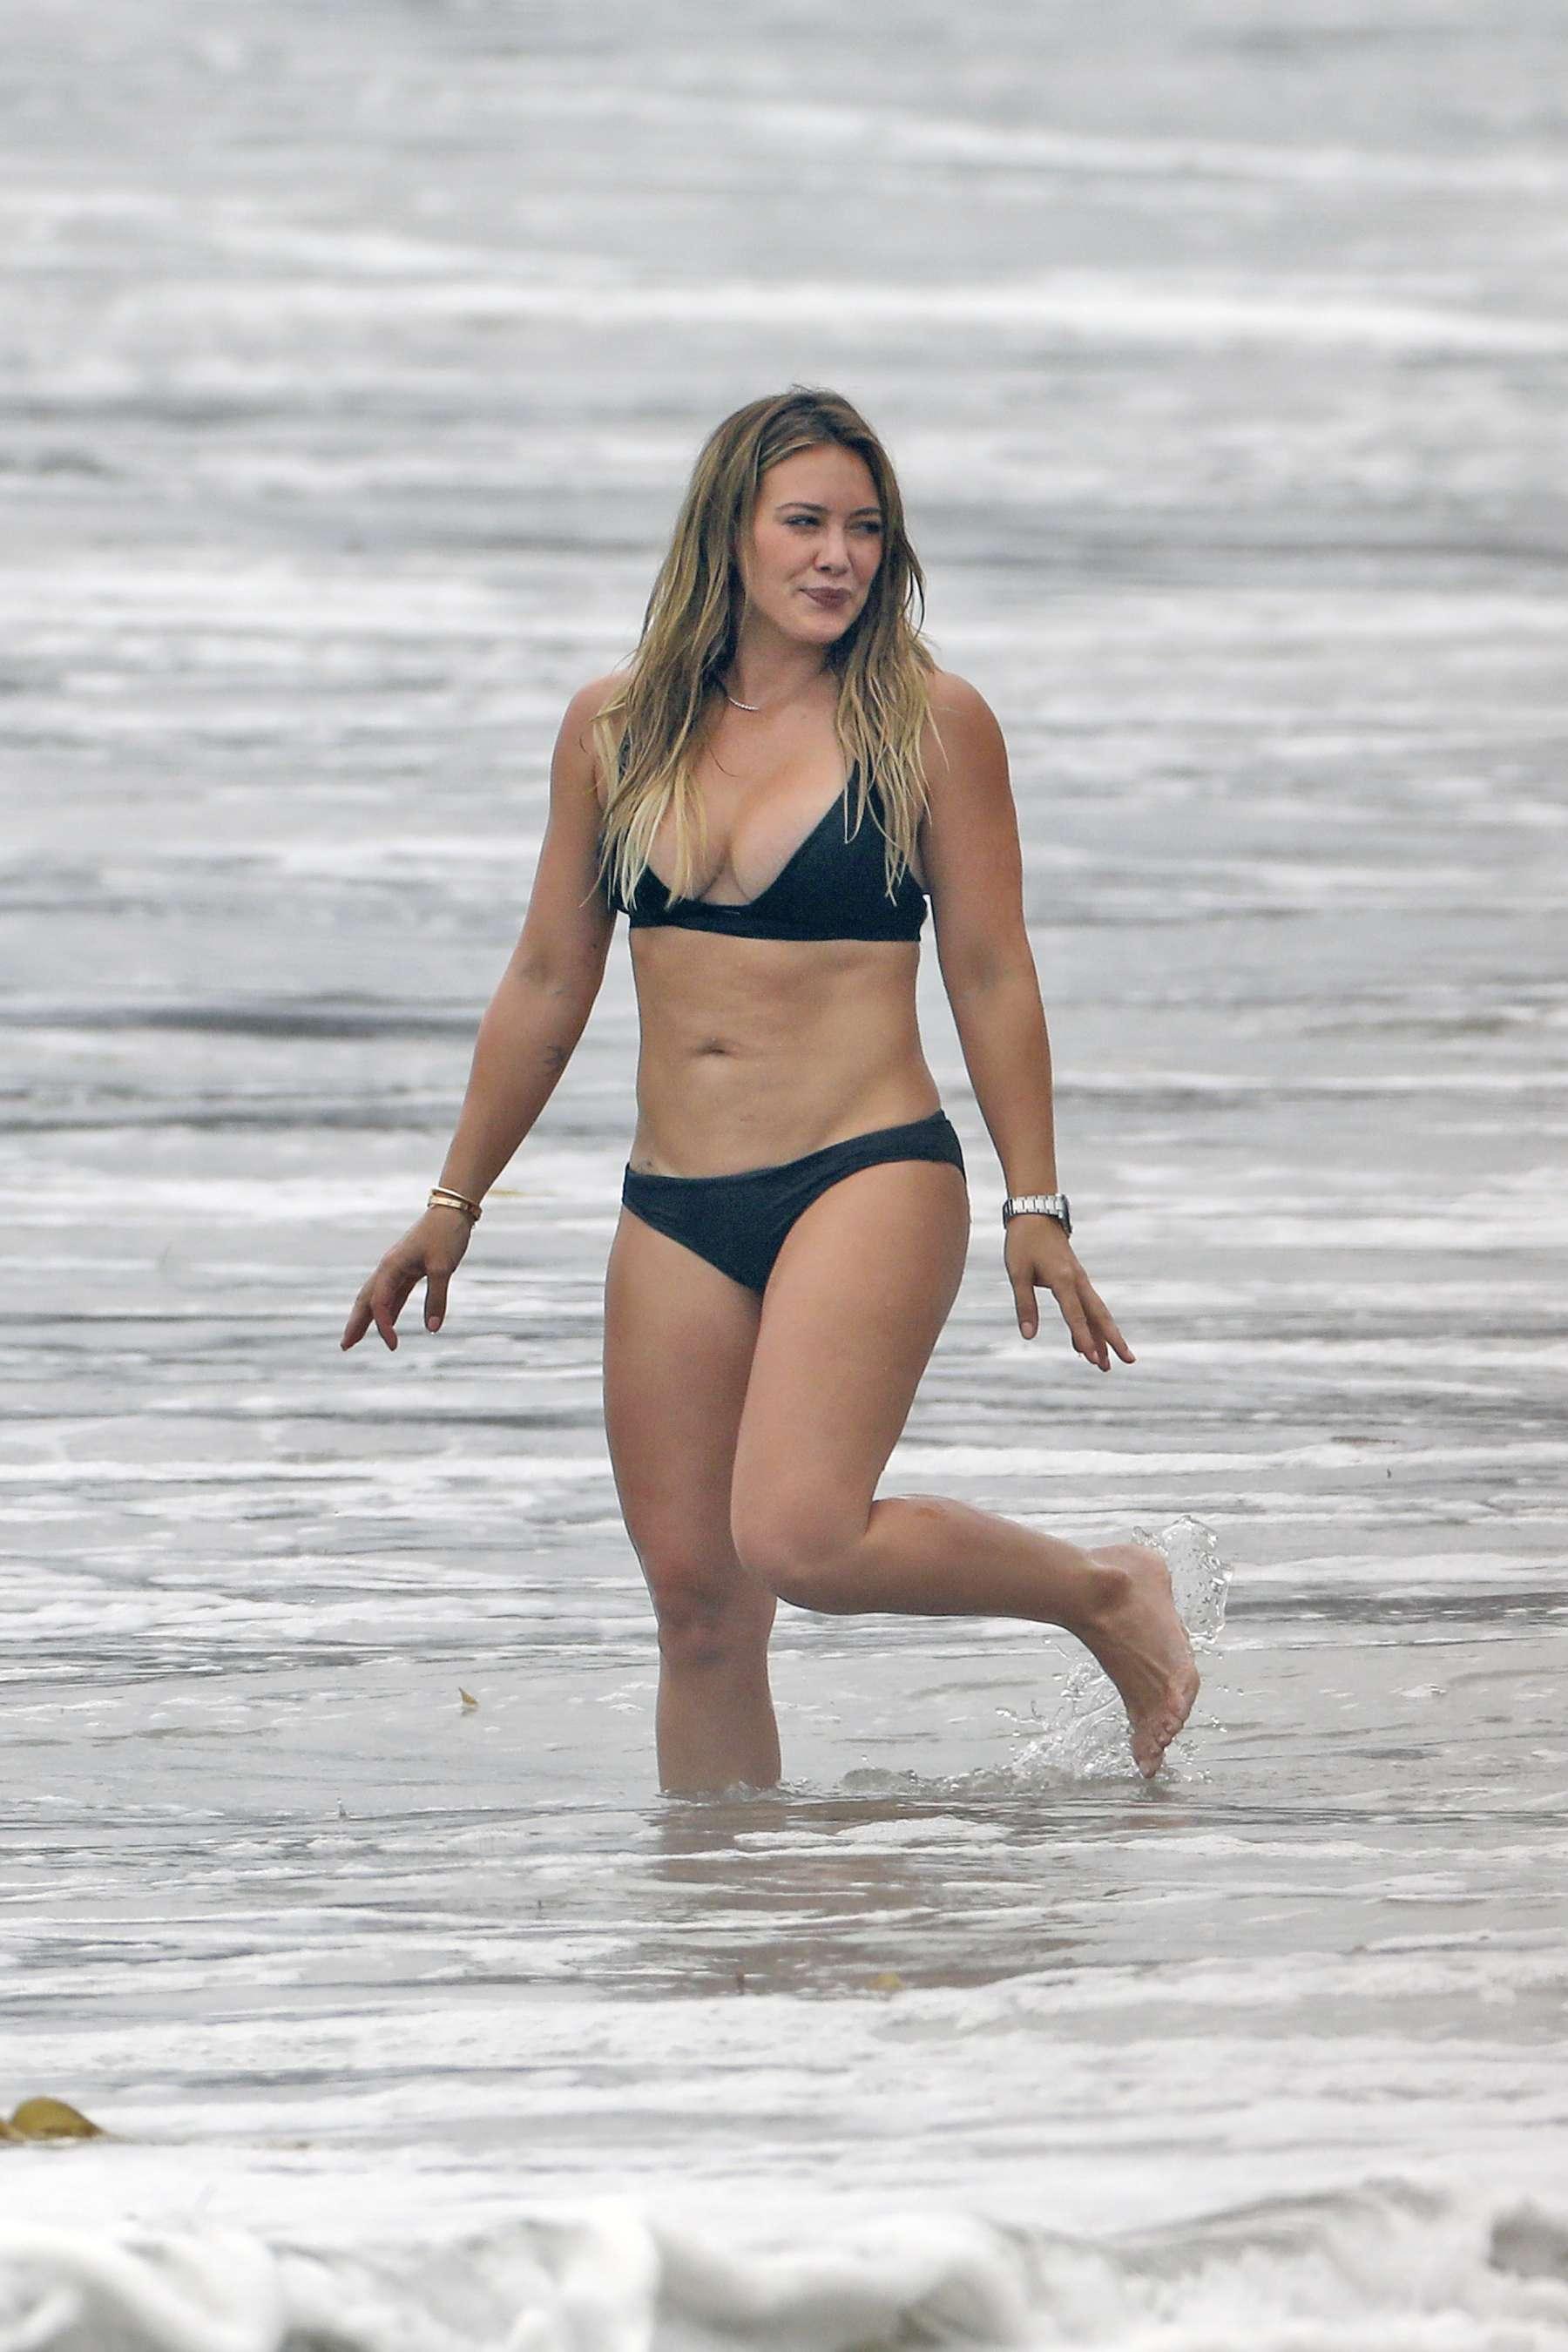 Hilary Duff Bikini At A Beach In Malibu 2017 13 Gotceleb